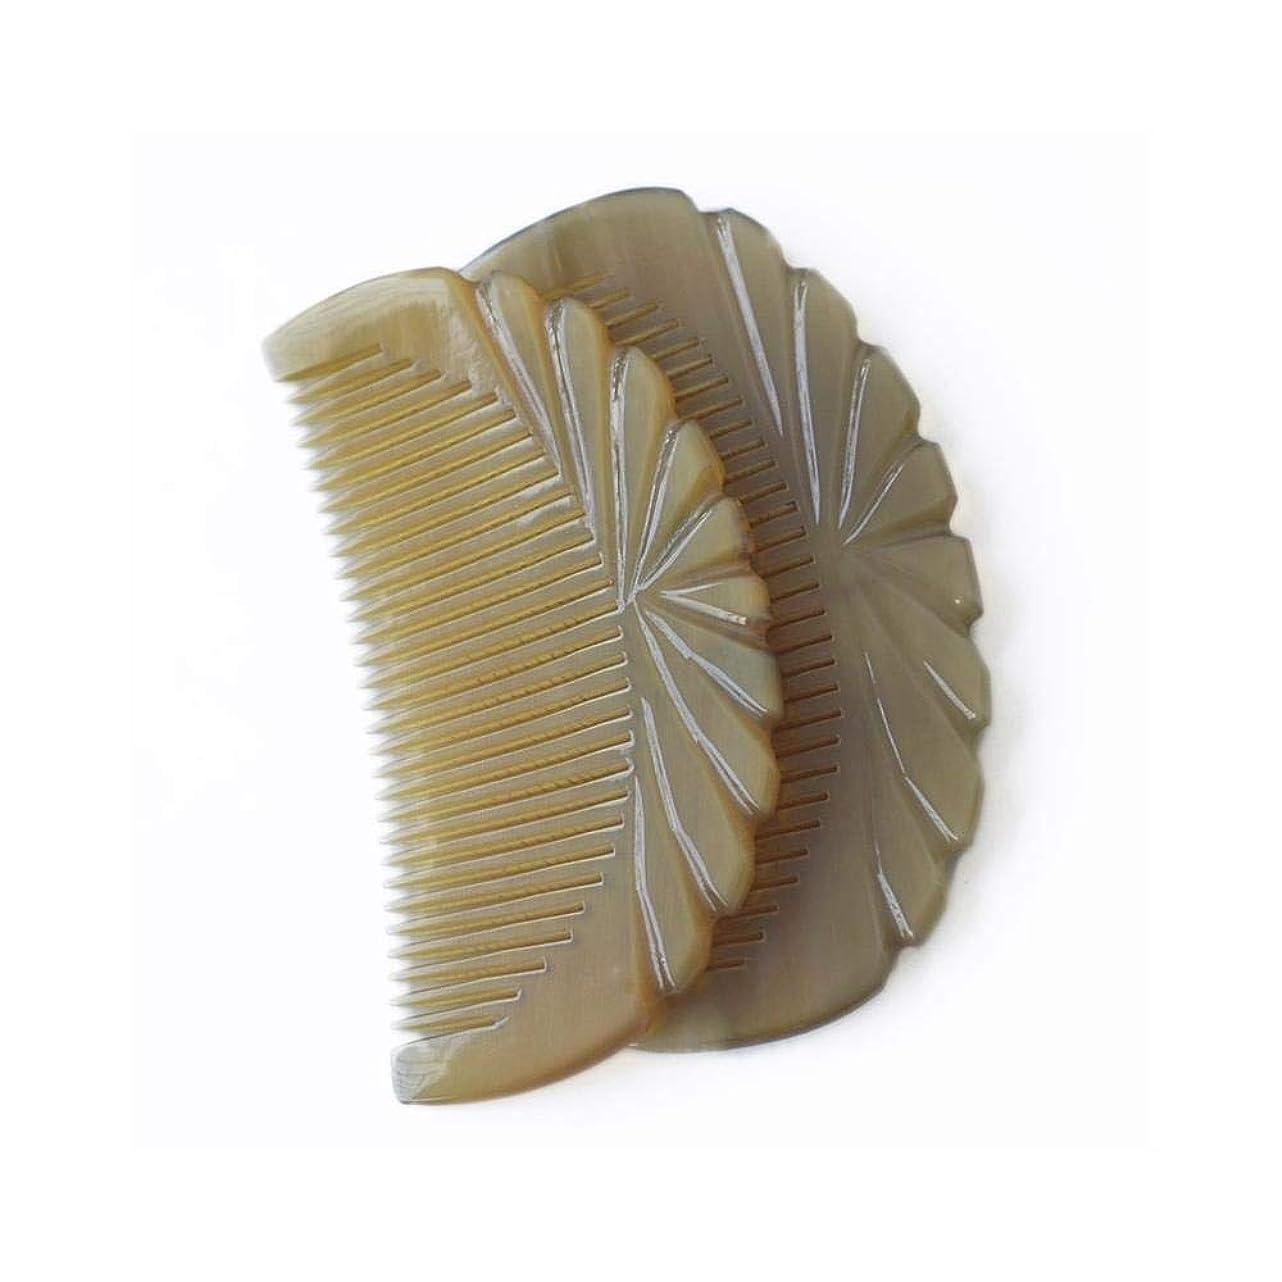 気楽な請求可能彫刻Fashian天然木製くし髪 - もつれ解除とスタイリングウェットまたはドライカーリー、太い、波状、またはストレートヘアナチュラルアンチスタティックウッド ヘアケア